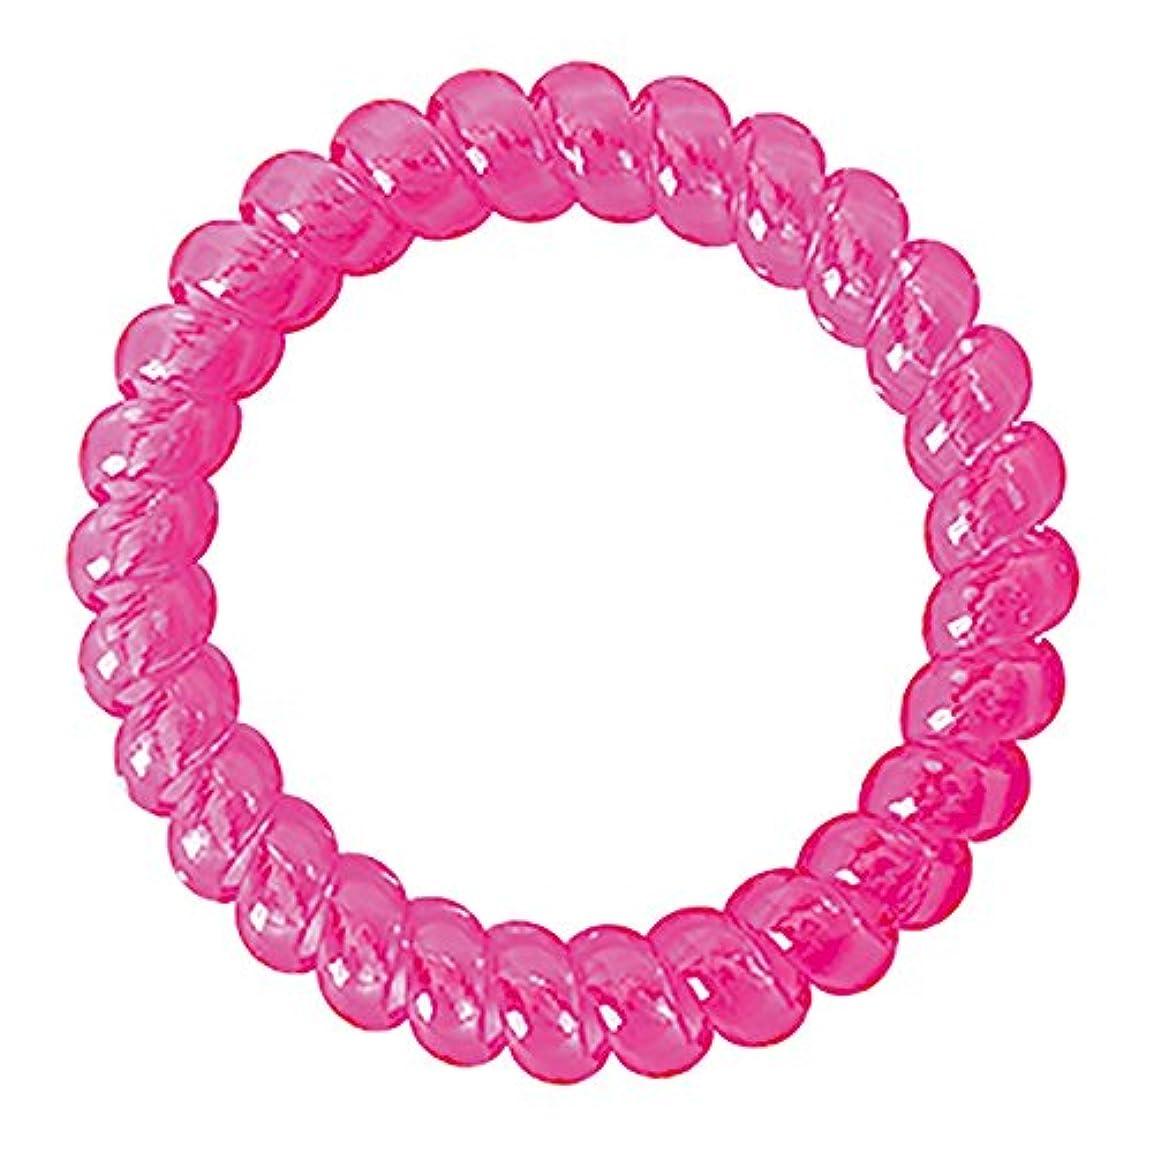 買い物に行くで出来ている肥沃なノルコーポレーション アロマリストレット スプリングタイプ ピンク